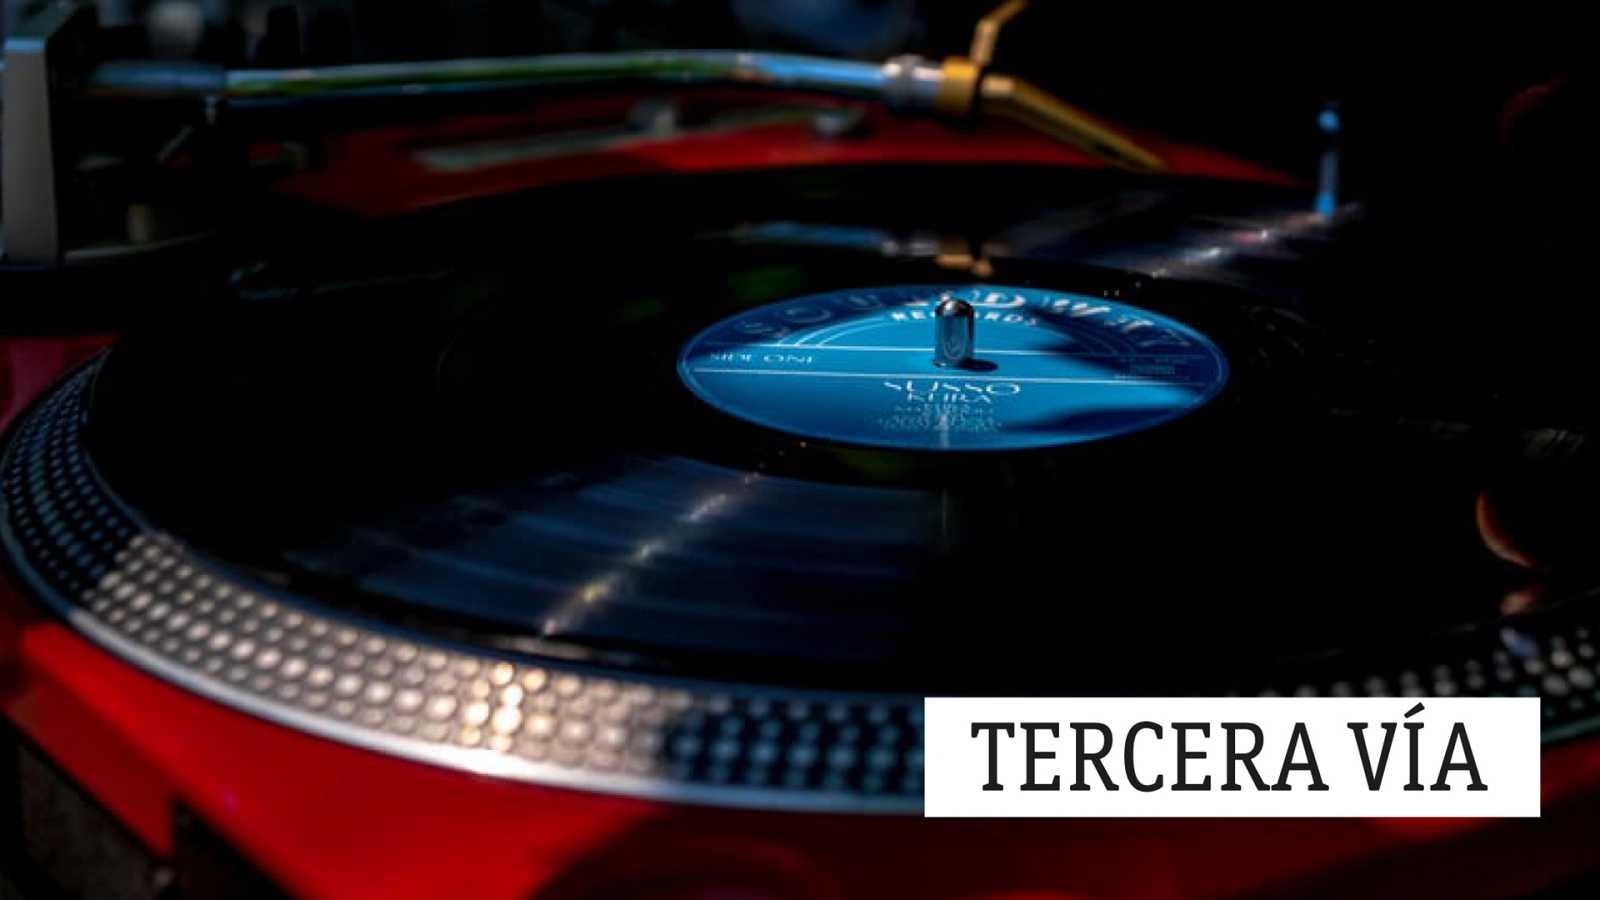 Tercera vía - Mikel Azpiroz, lo que pasa entre nota y nota - 19/02/21 - escuchar ahora